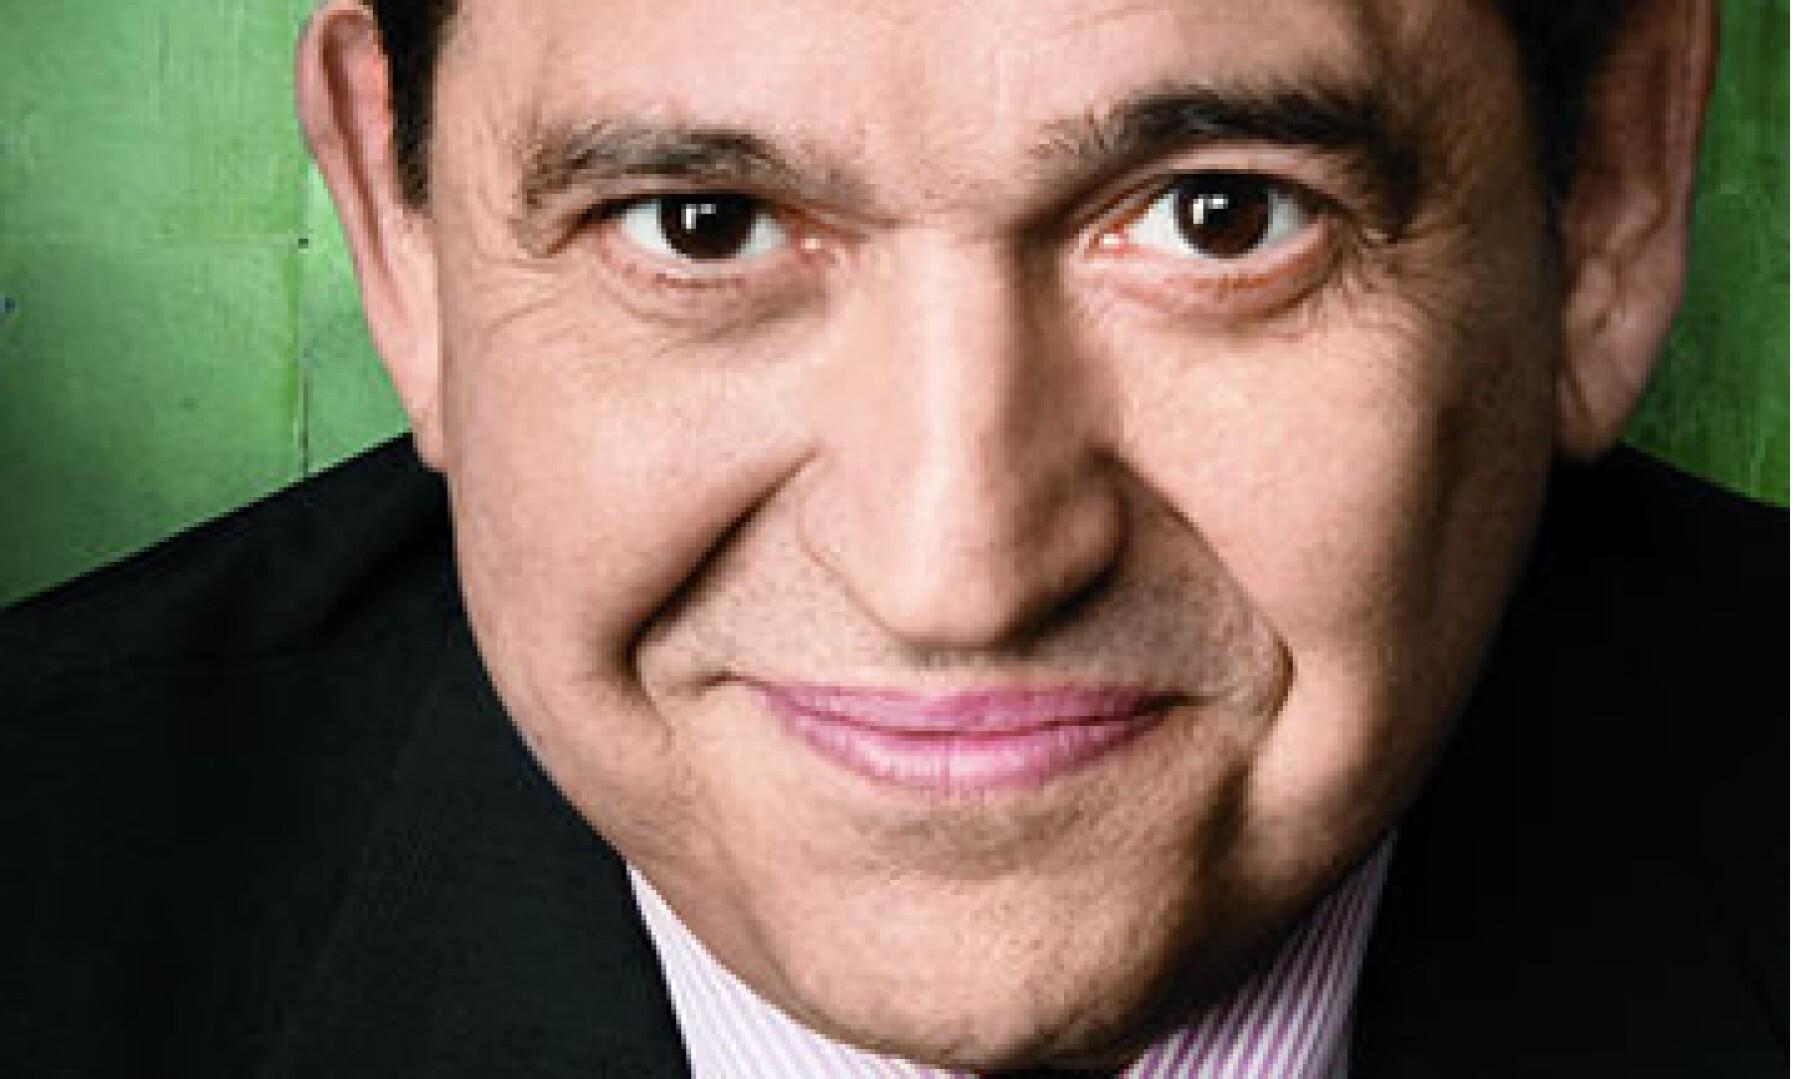 El presidente de Grupo Acerero del Norte ocupa el lugar 39 del ranking 2011 de Los 100 Empresarios más Importantes de México. (Foto: Selma Fernández)